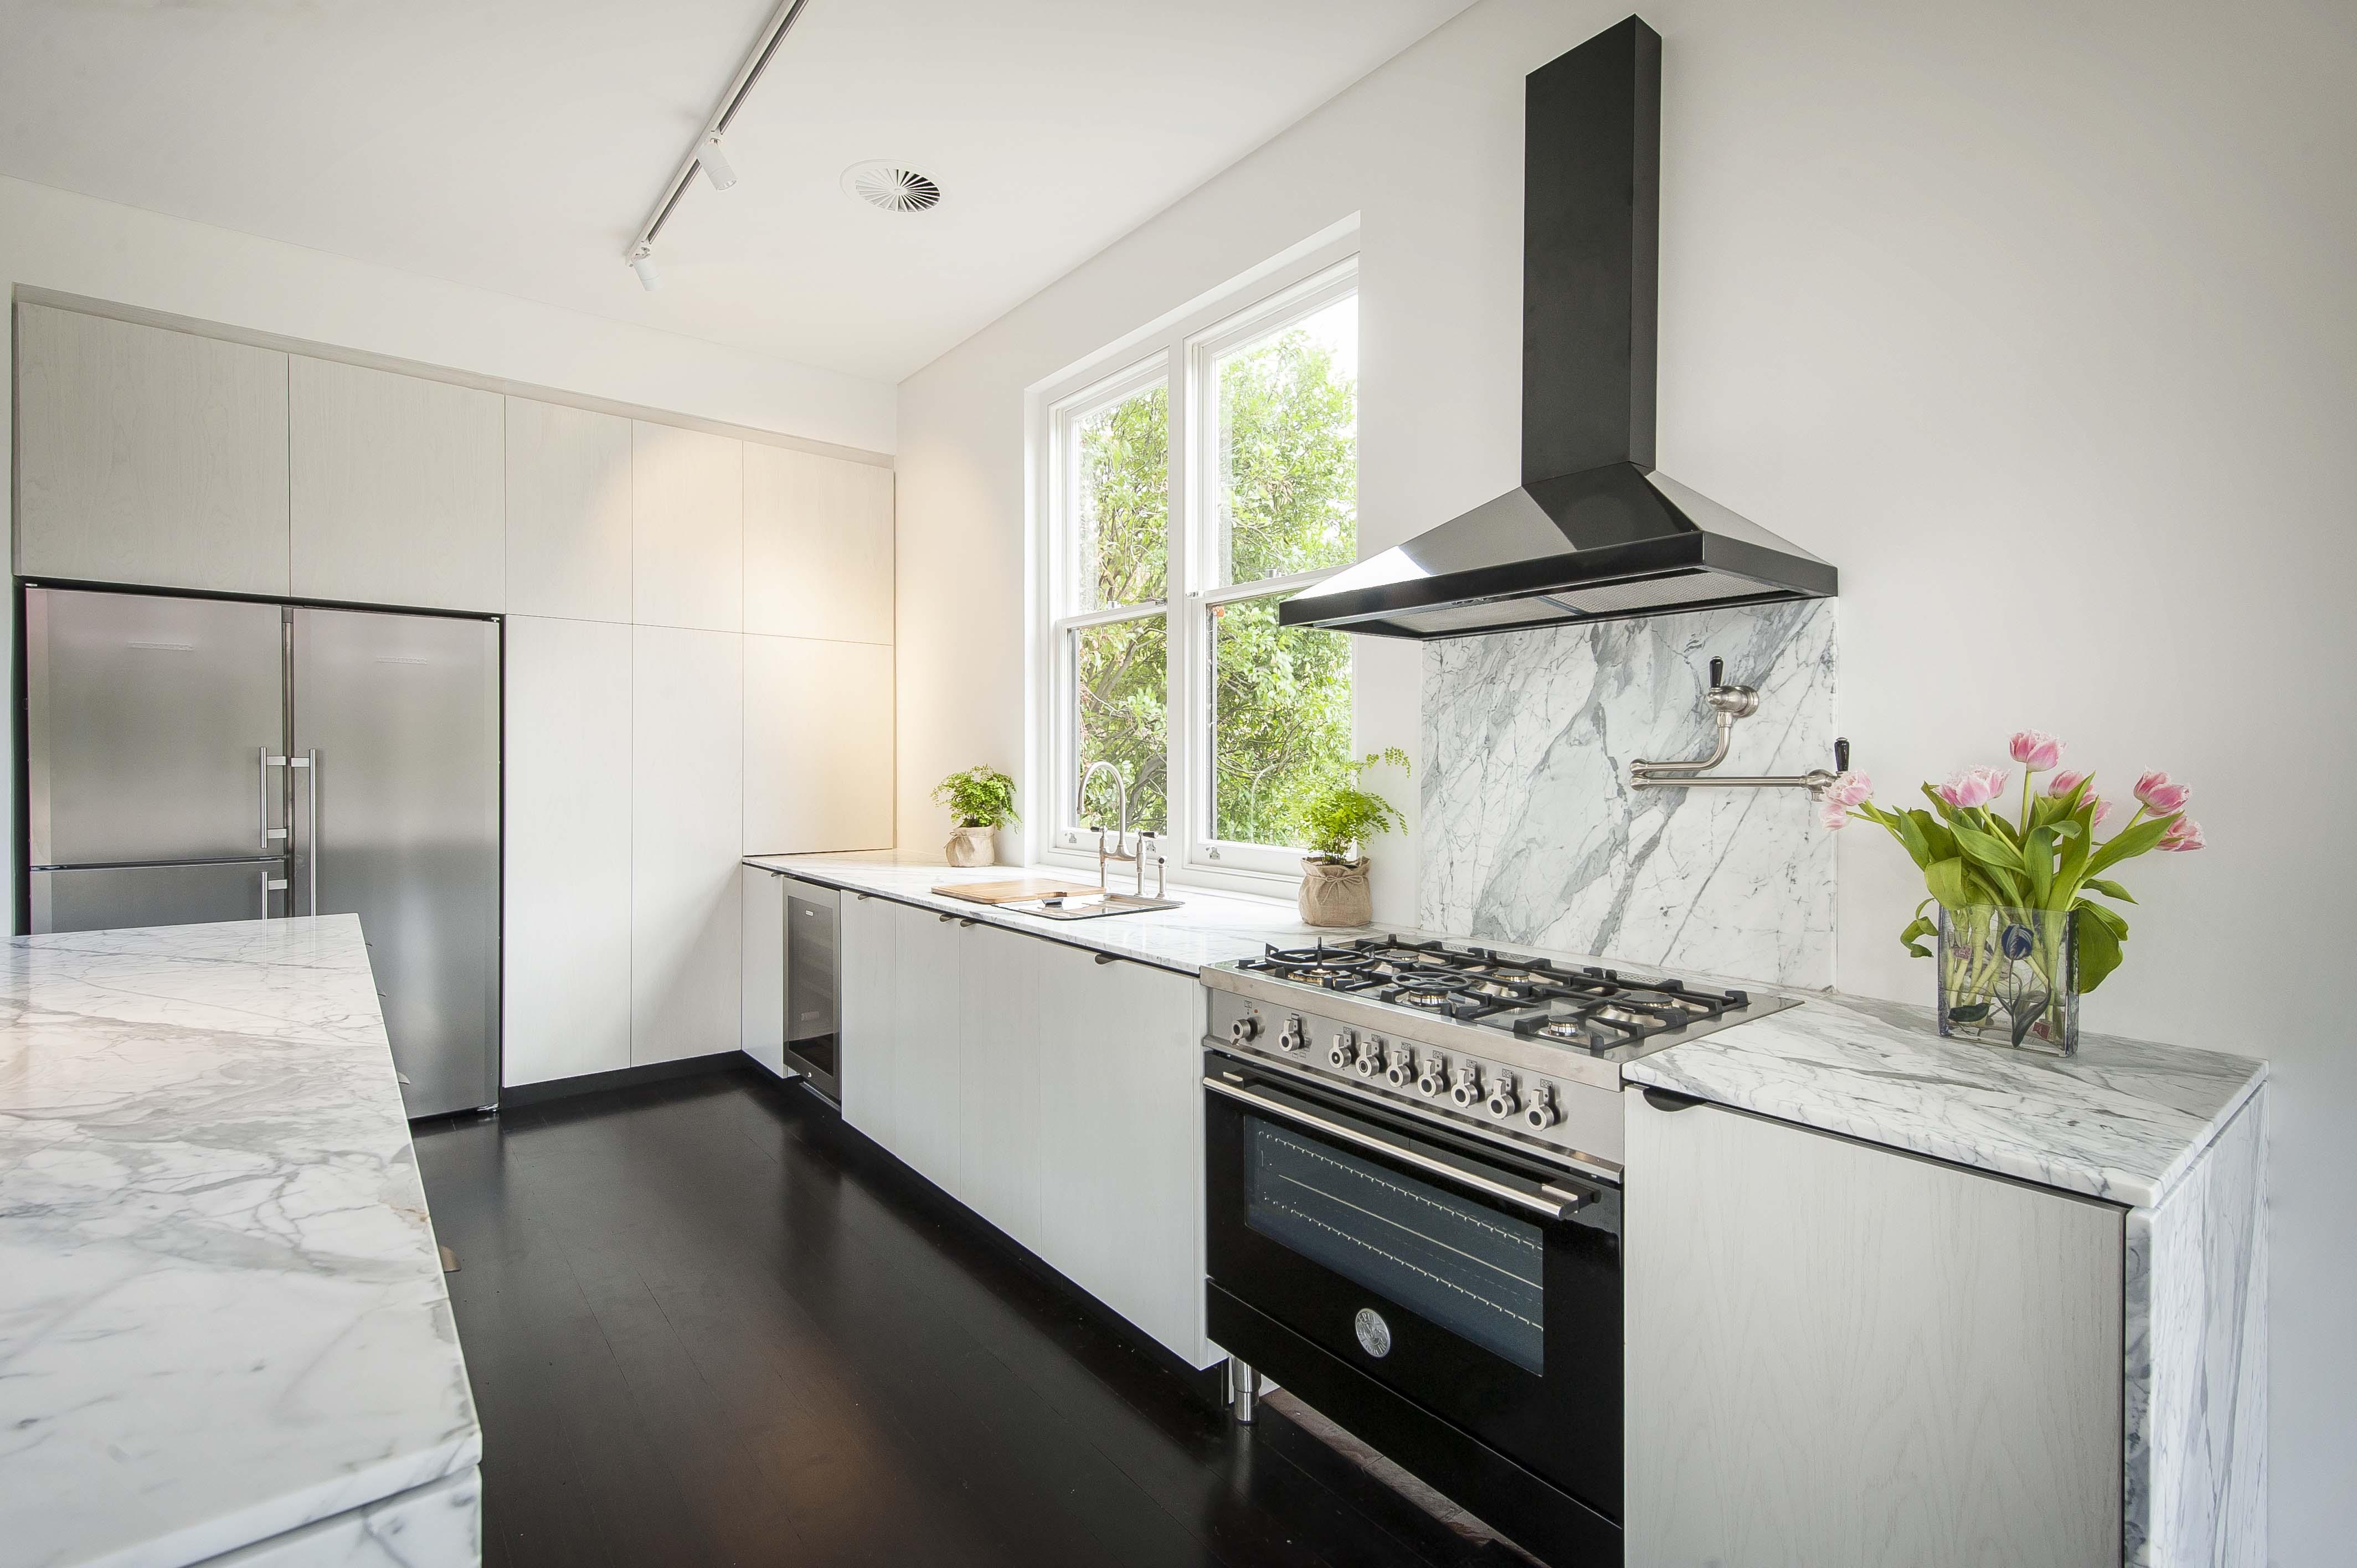 Kitchen Work 1 Vivid Edge Design